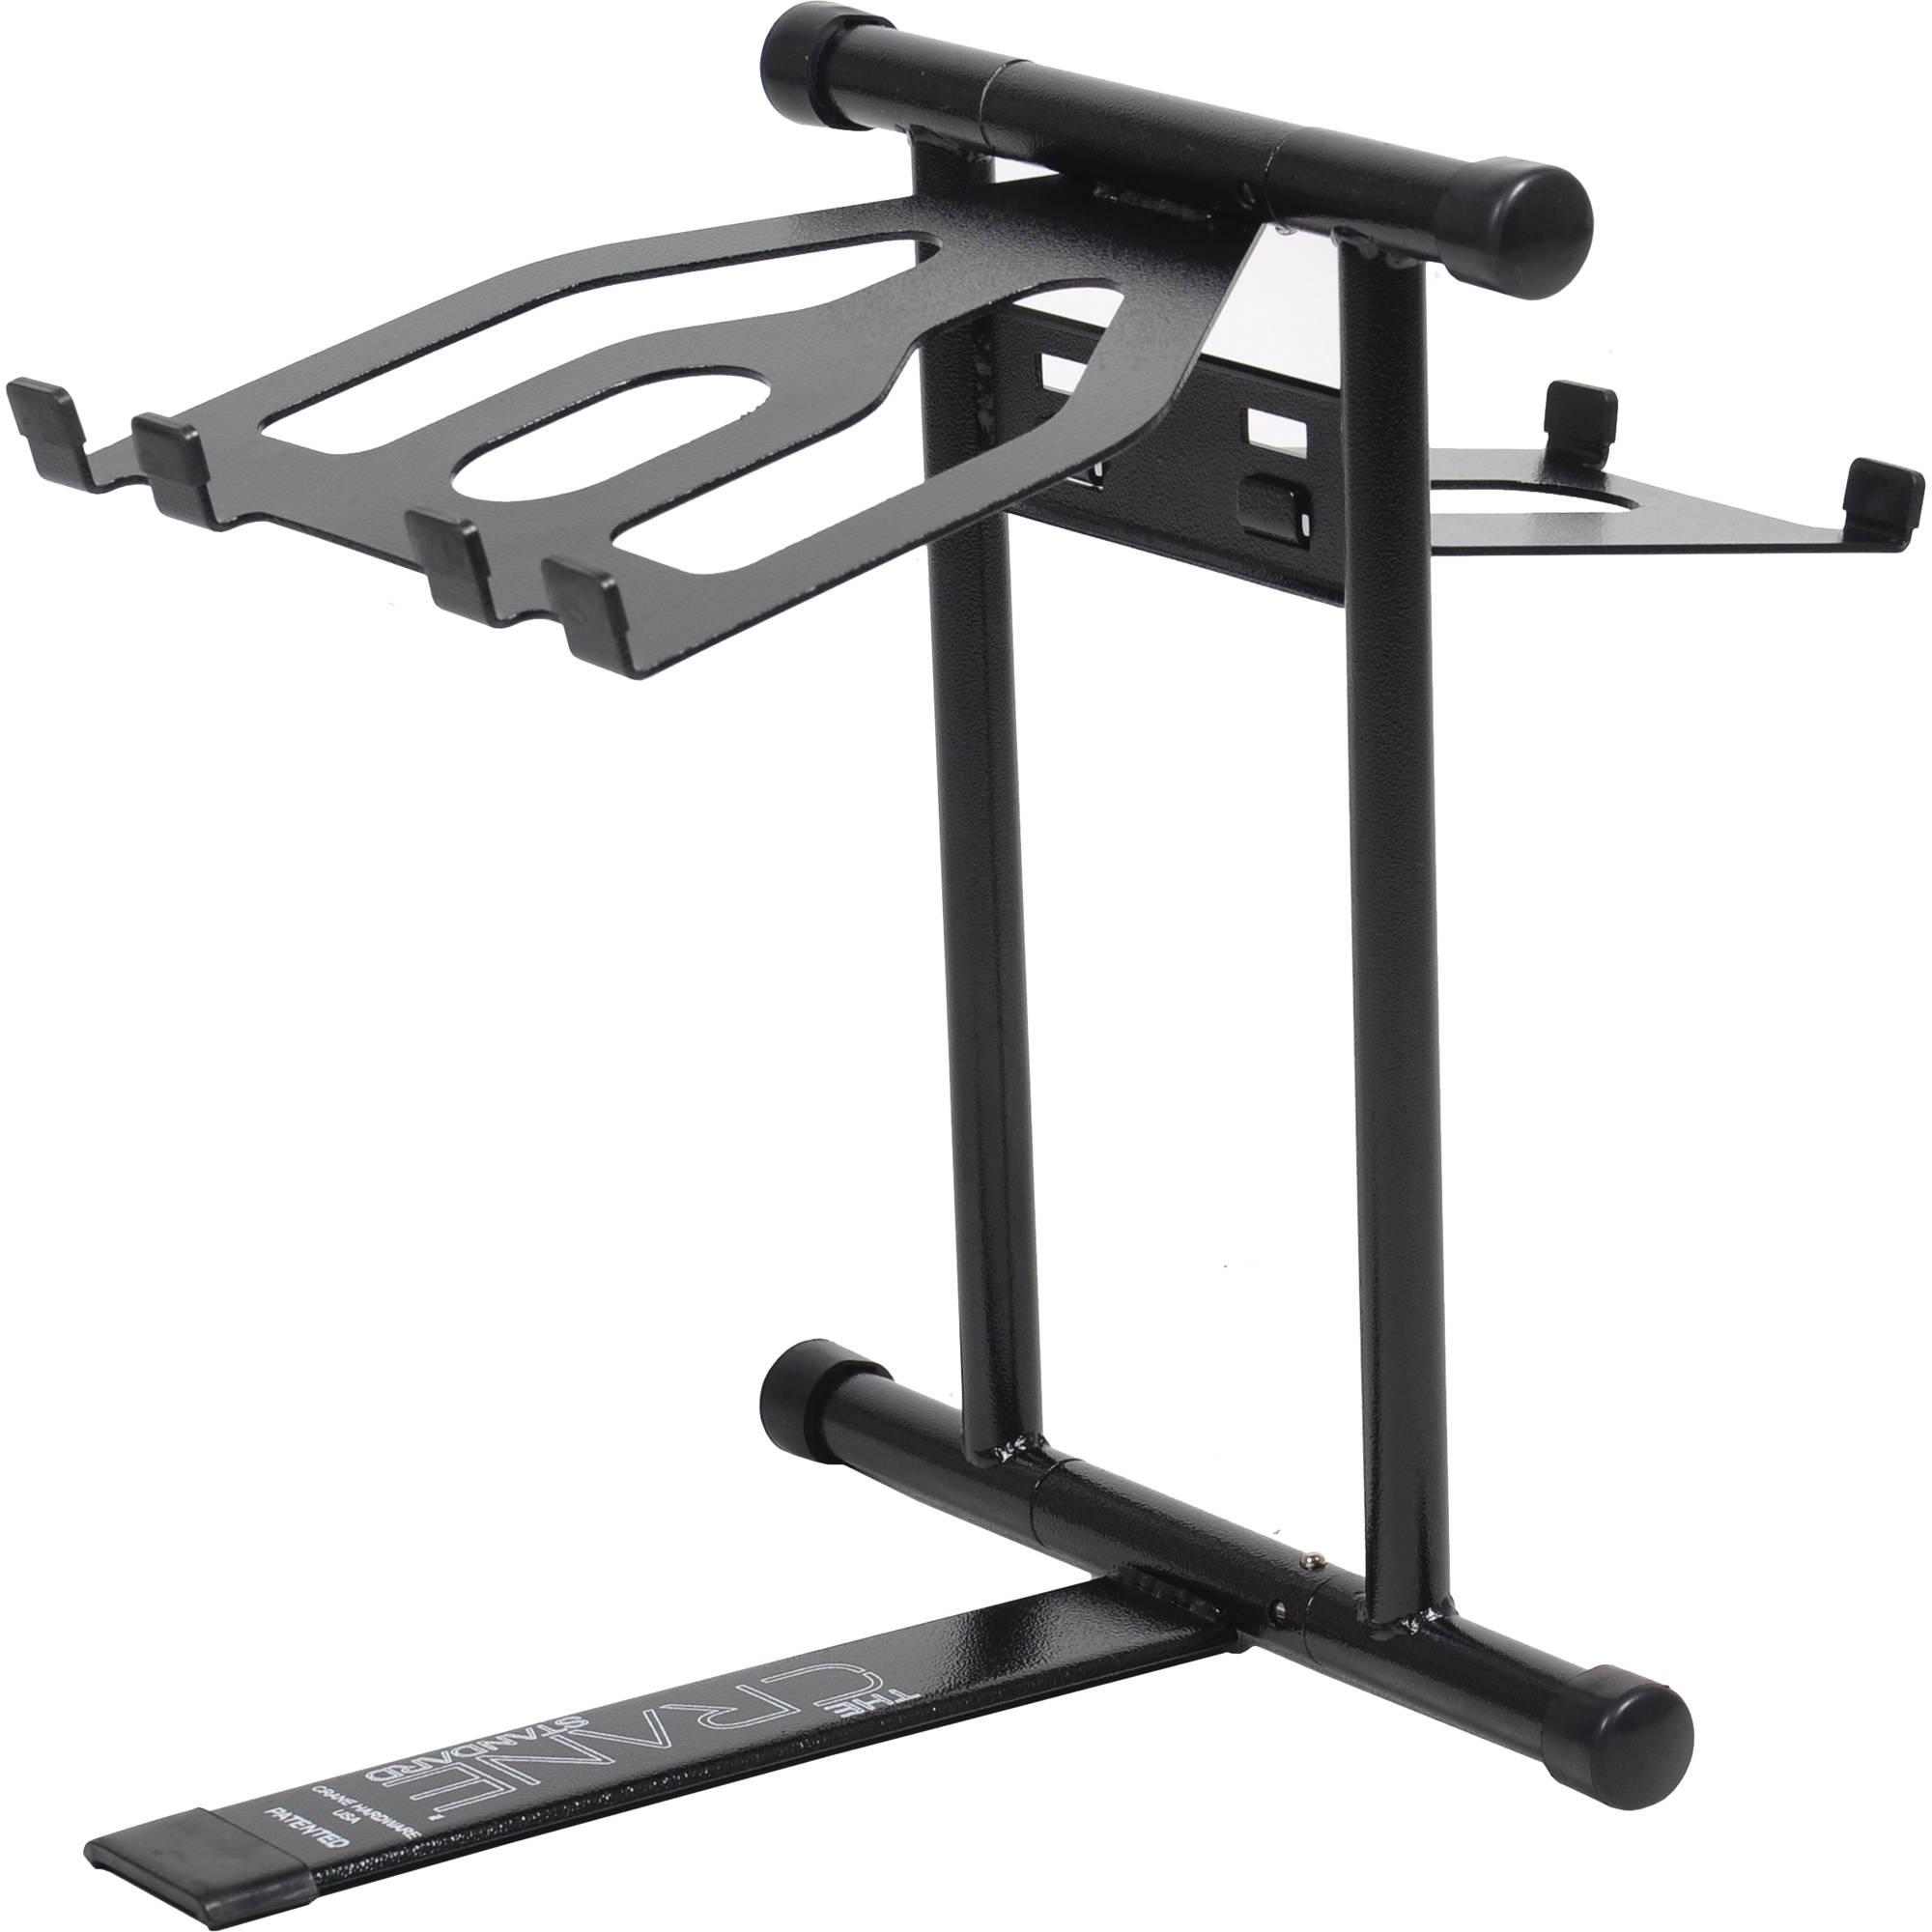 crane hardware standard laptop stand black standbasic b h. Black Bedroom Furniture Sets. Home Design Ideas